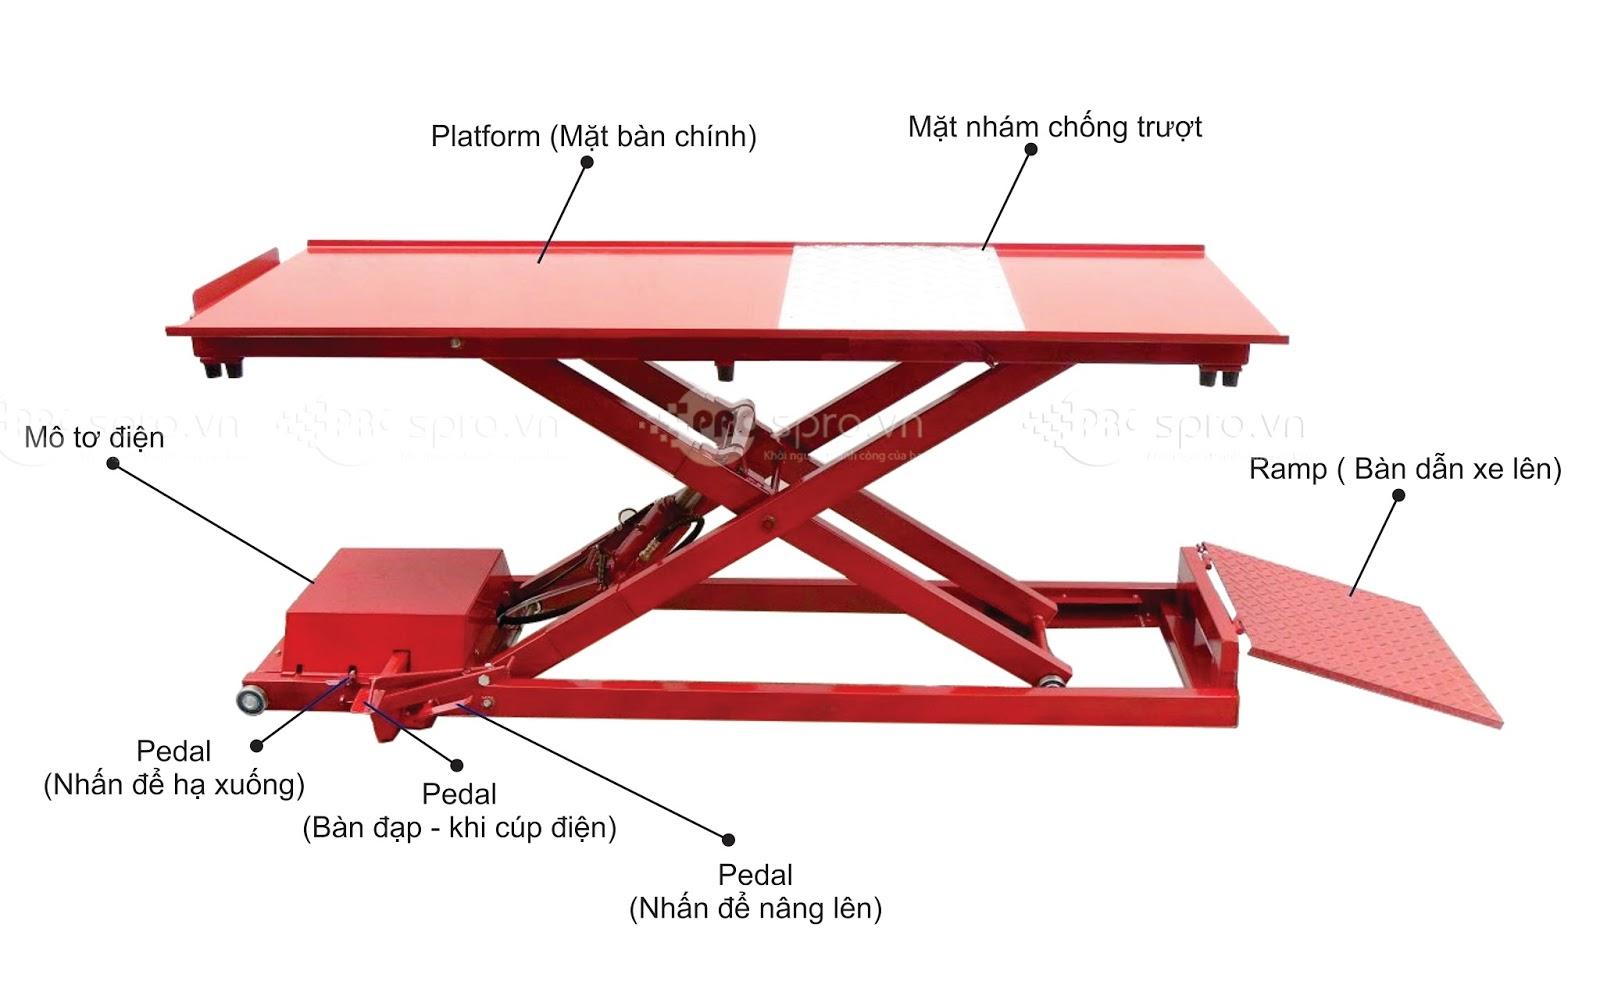 Bàn nâng điện và đạp chân T250E, bàn nâng sửa xe bề mặt chống trượt